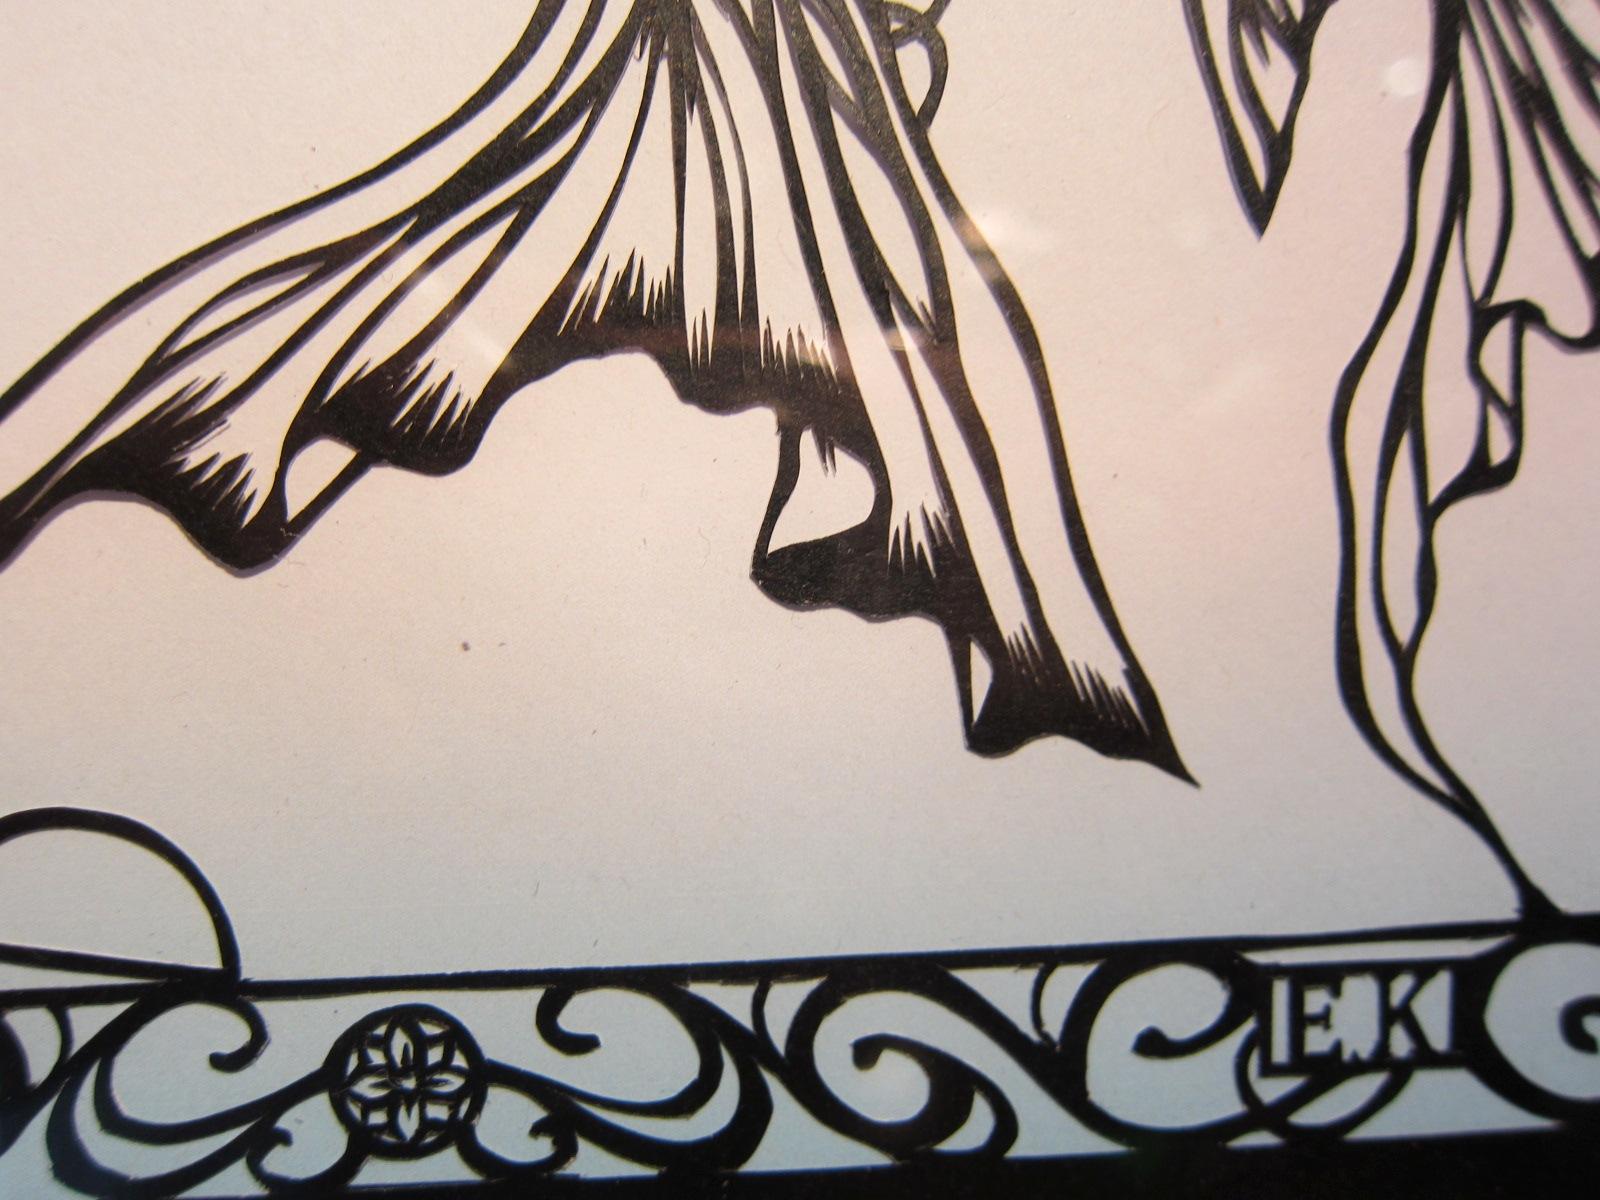 2127)「黒川絵里奈切り絵展 『遠い記憶の物語』」 カフェエスキス 7月18日(木)~8月11日(日)  _f0126829_11471732.jpg